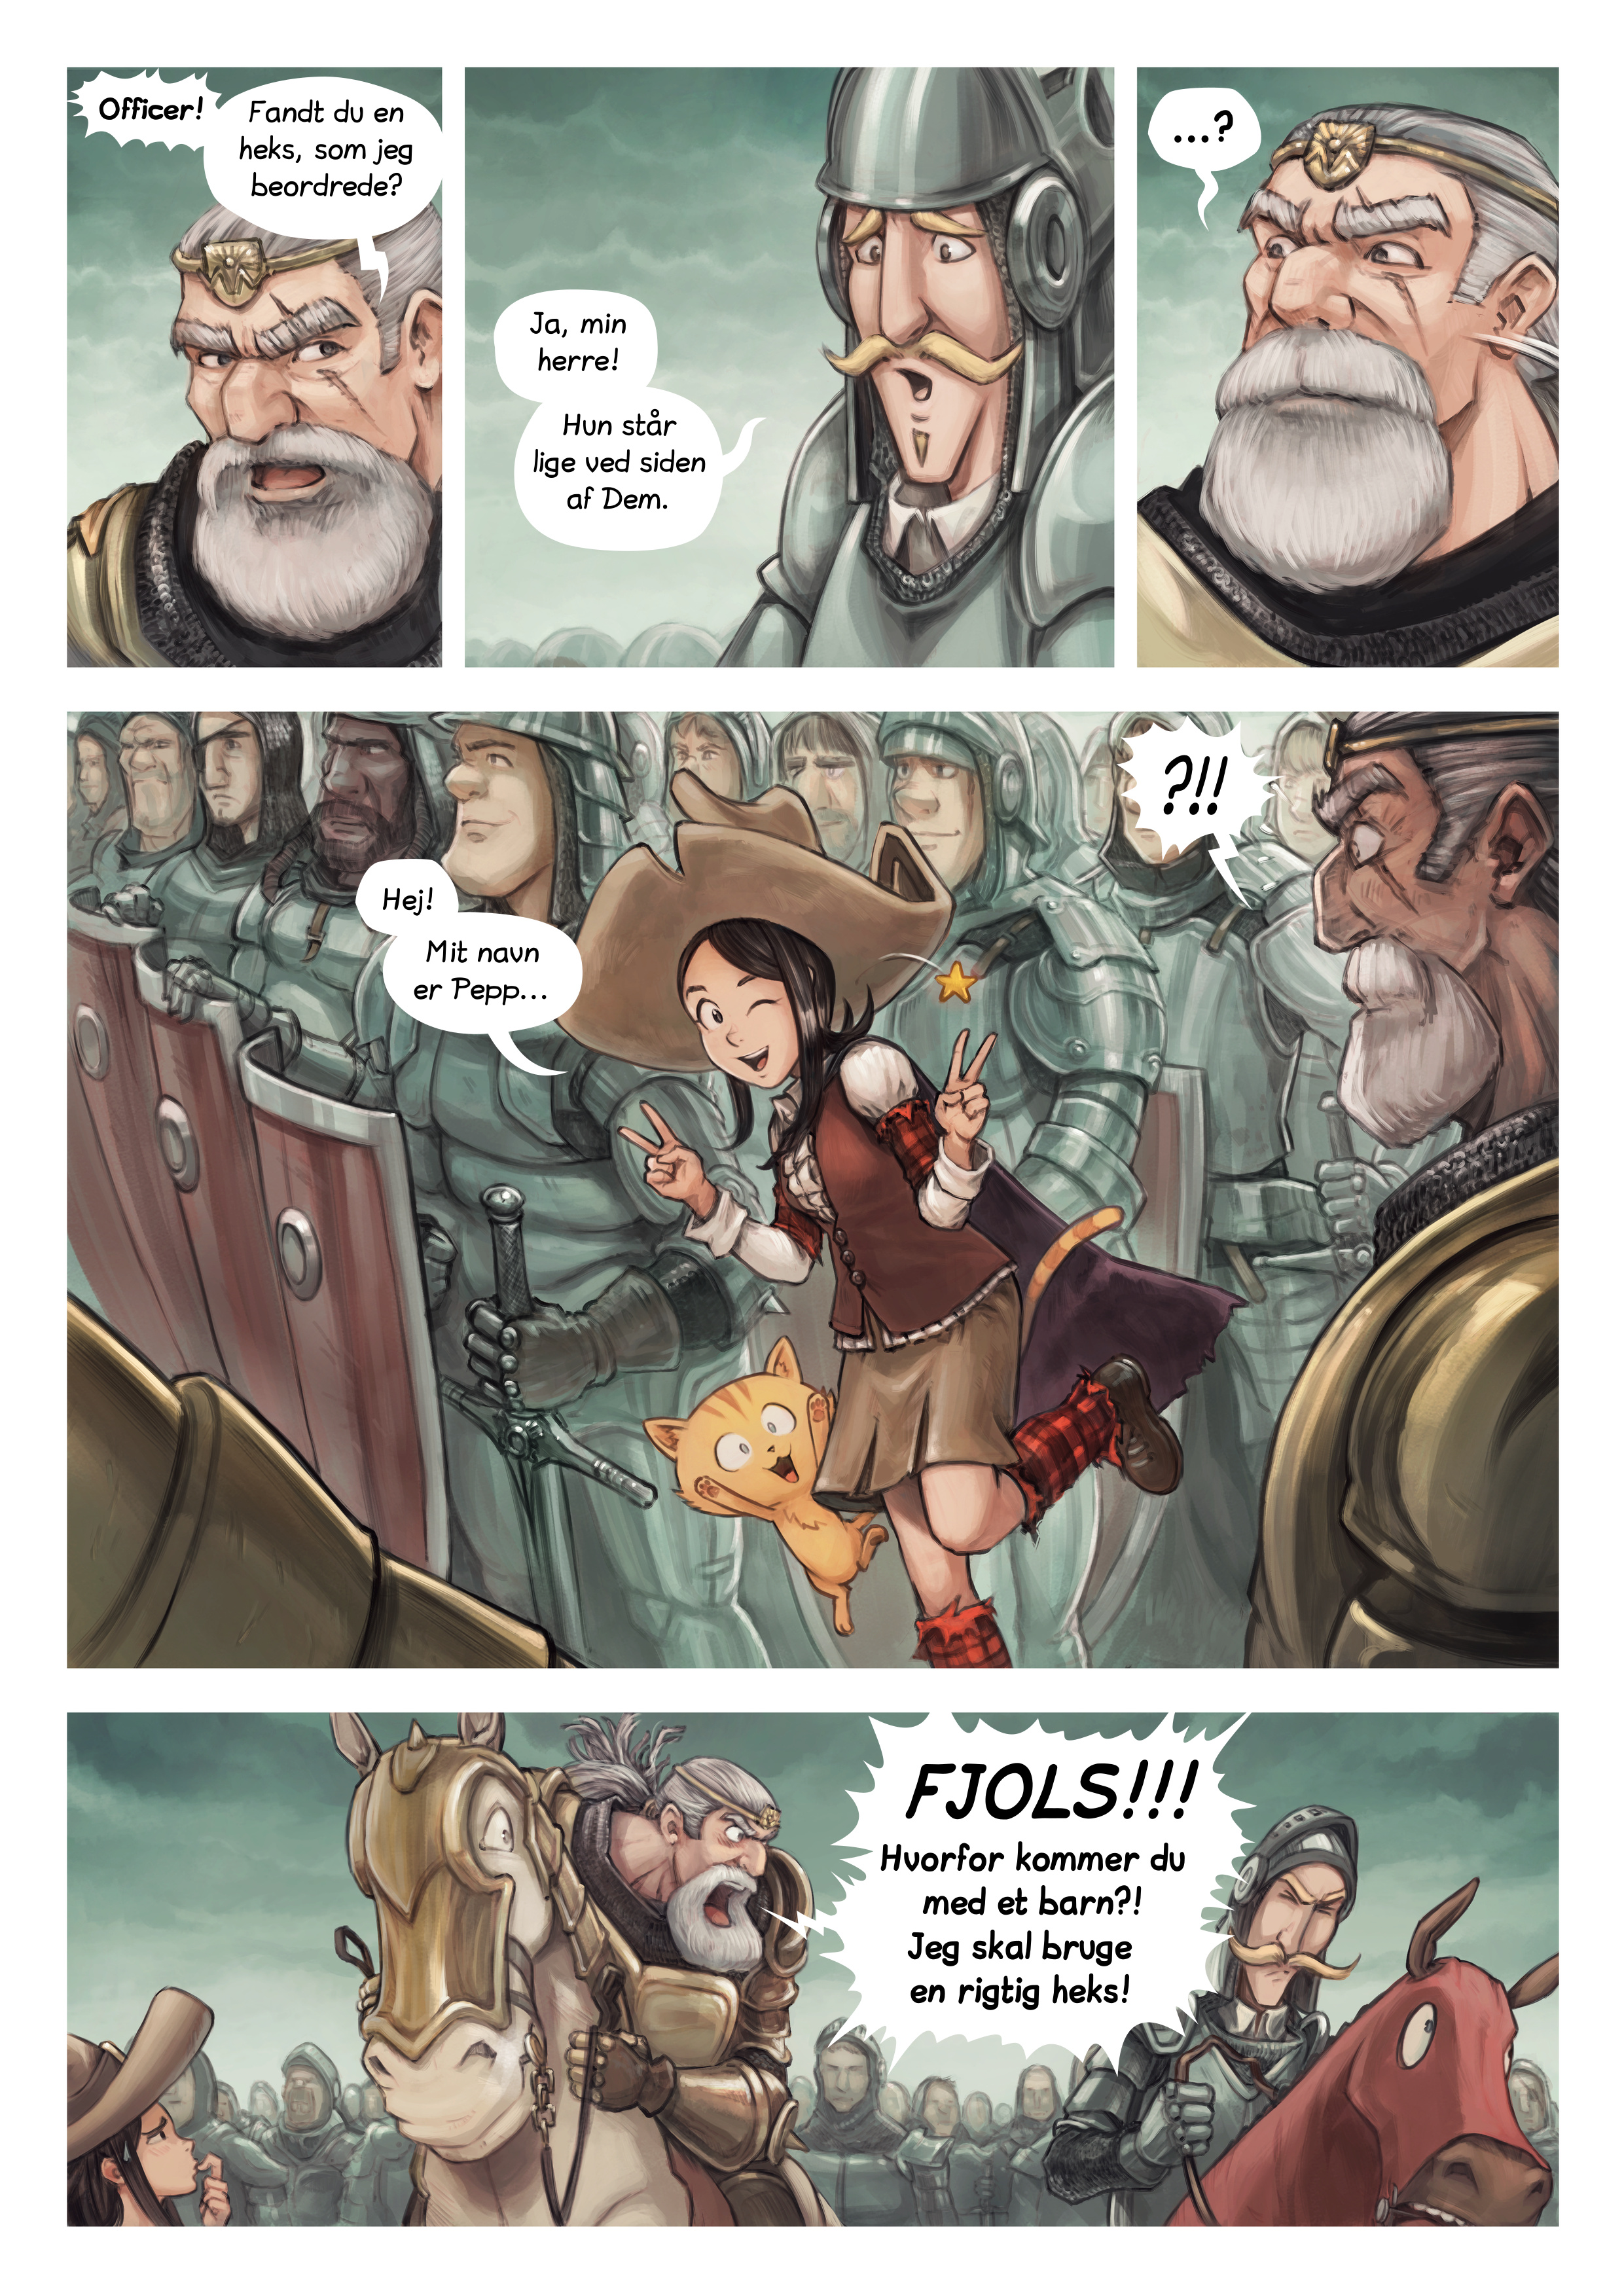 Episode 32: Slagmarken, Page 2